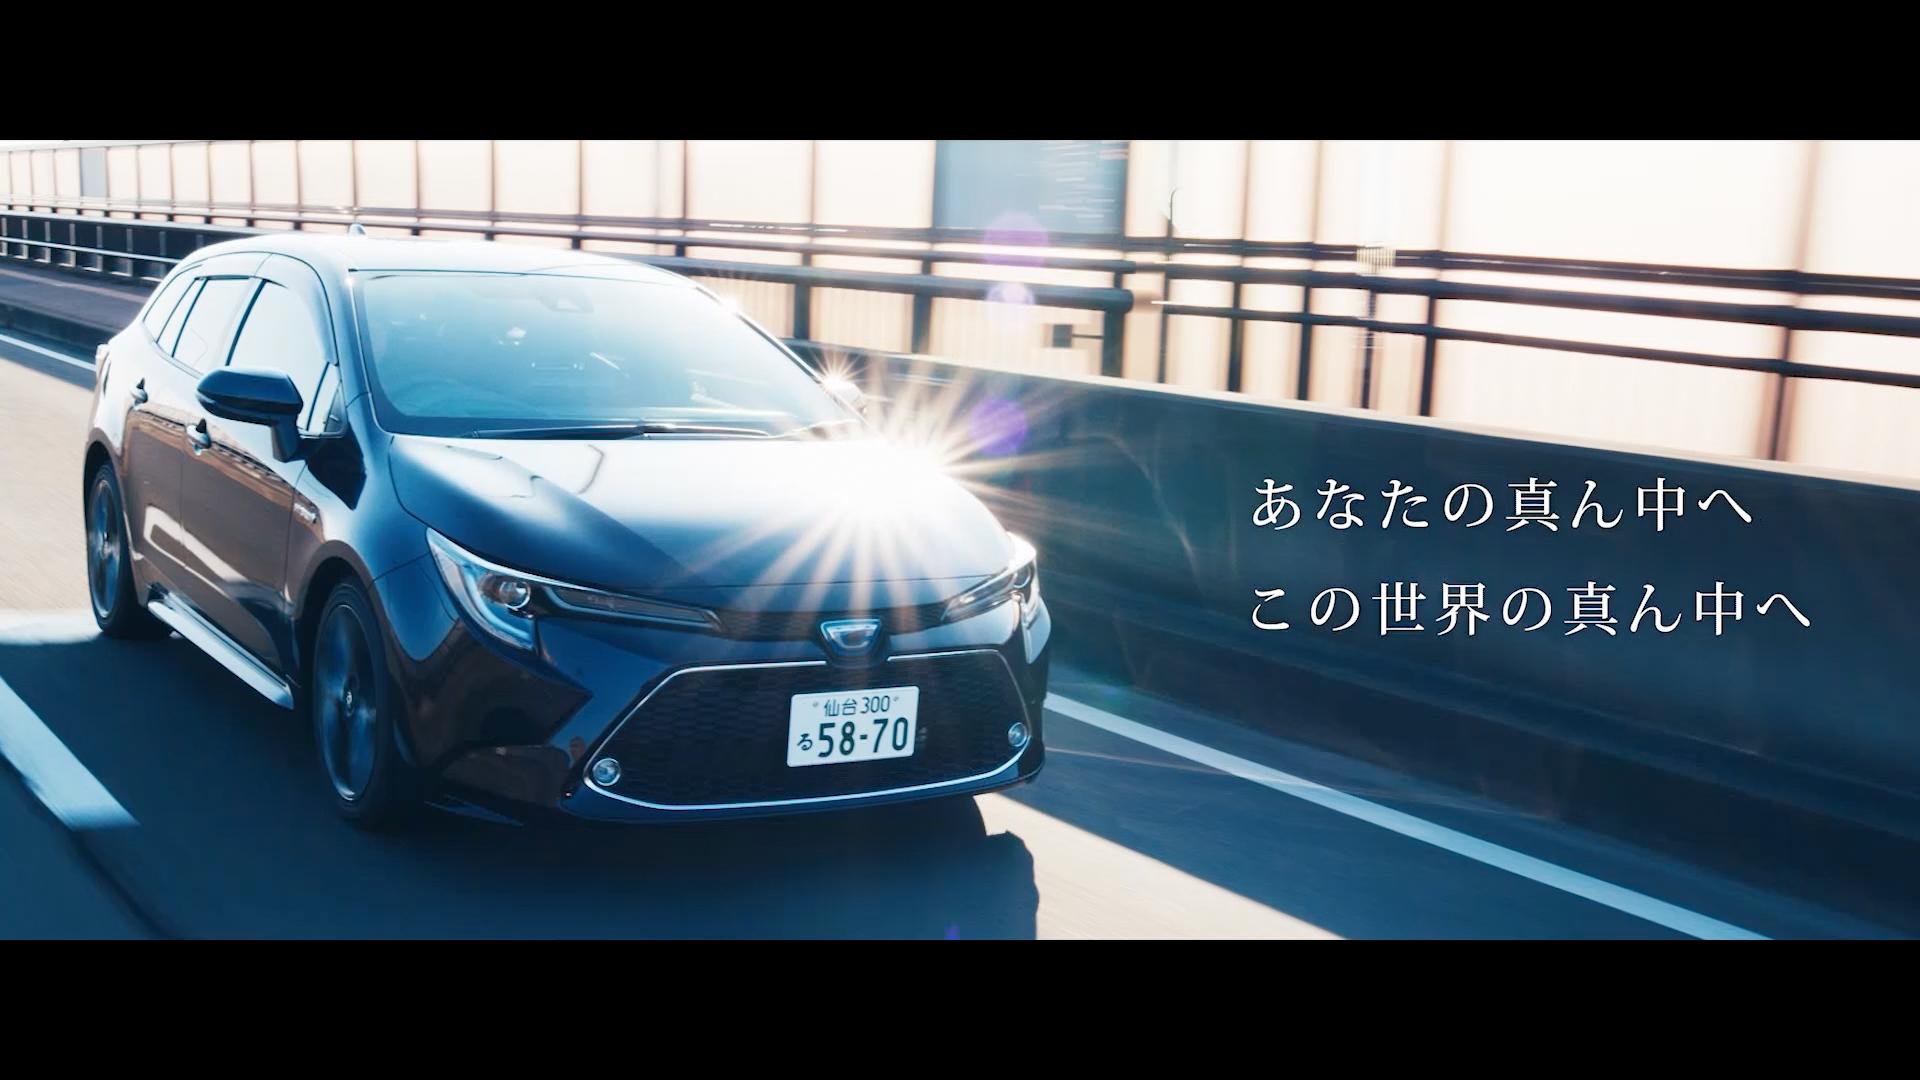 トヨタカローラ宮城「新型カローラシリーズ」インプレッション動画